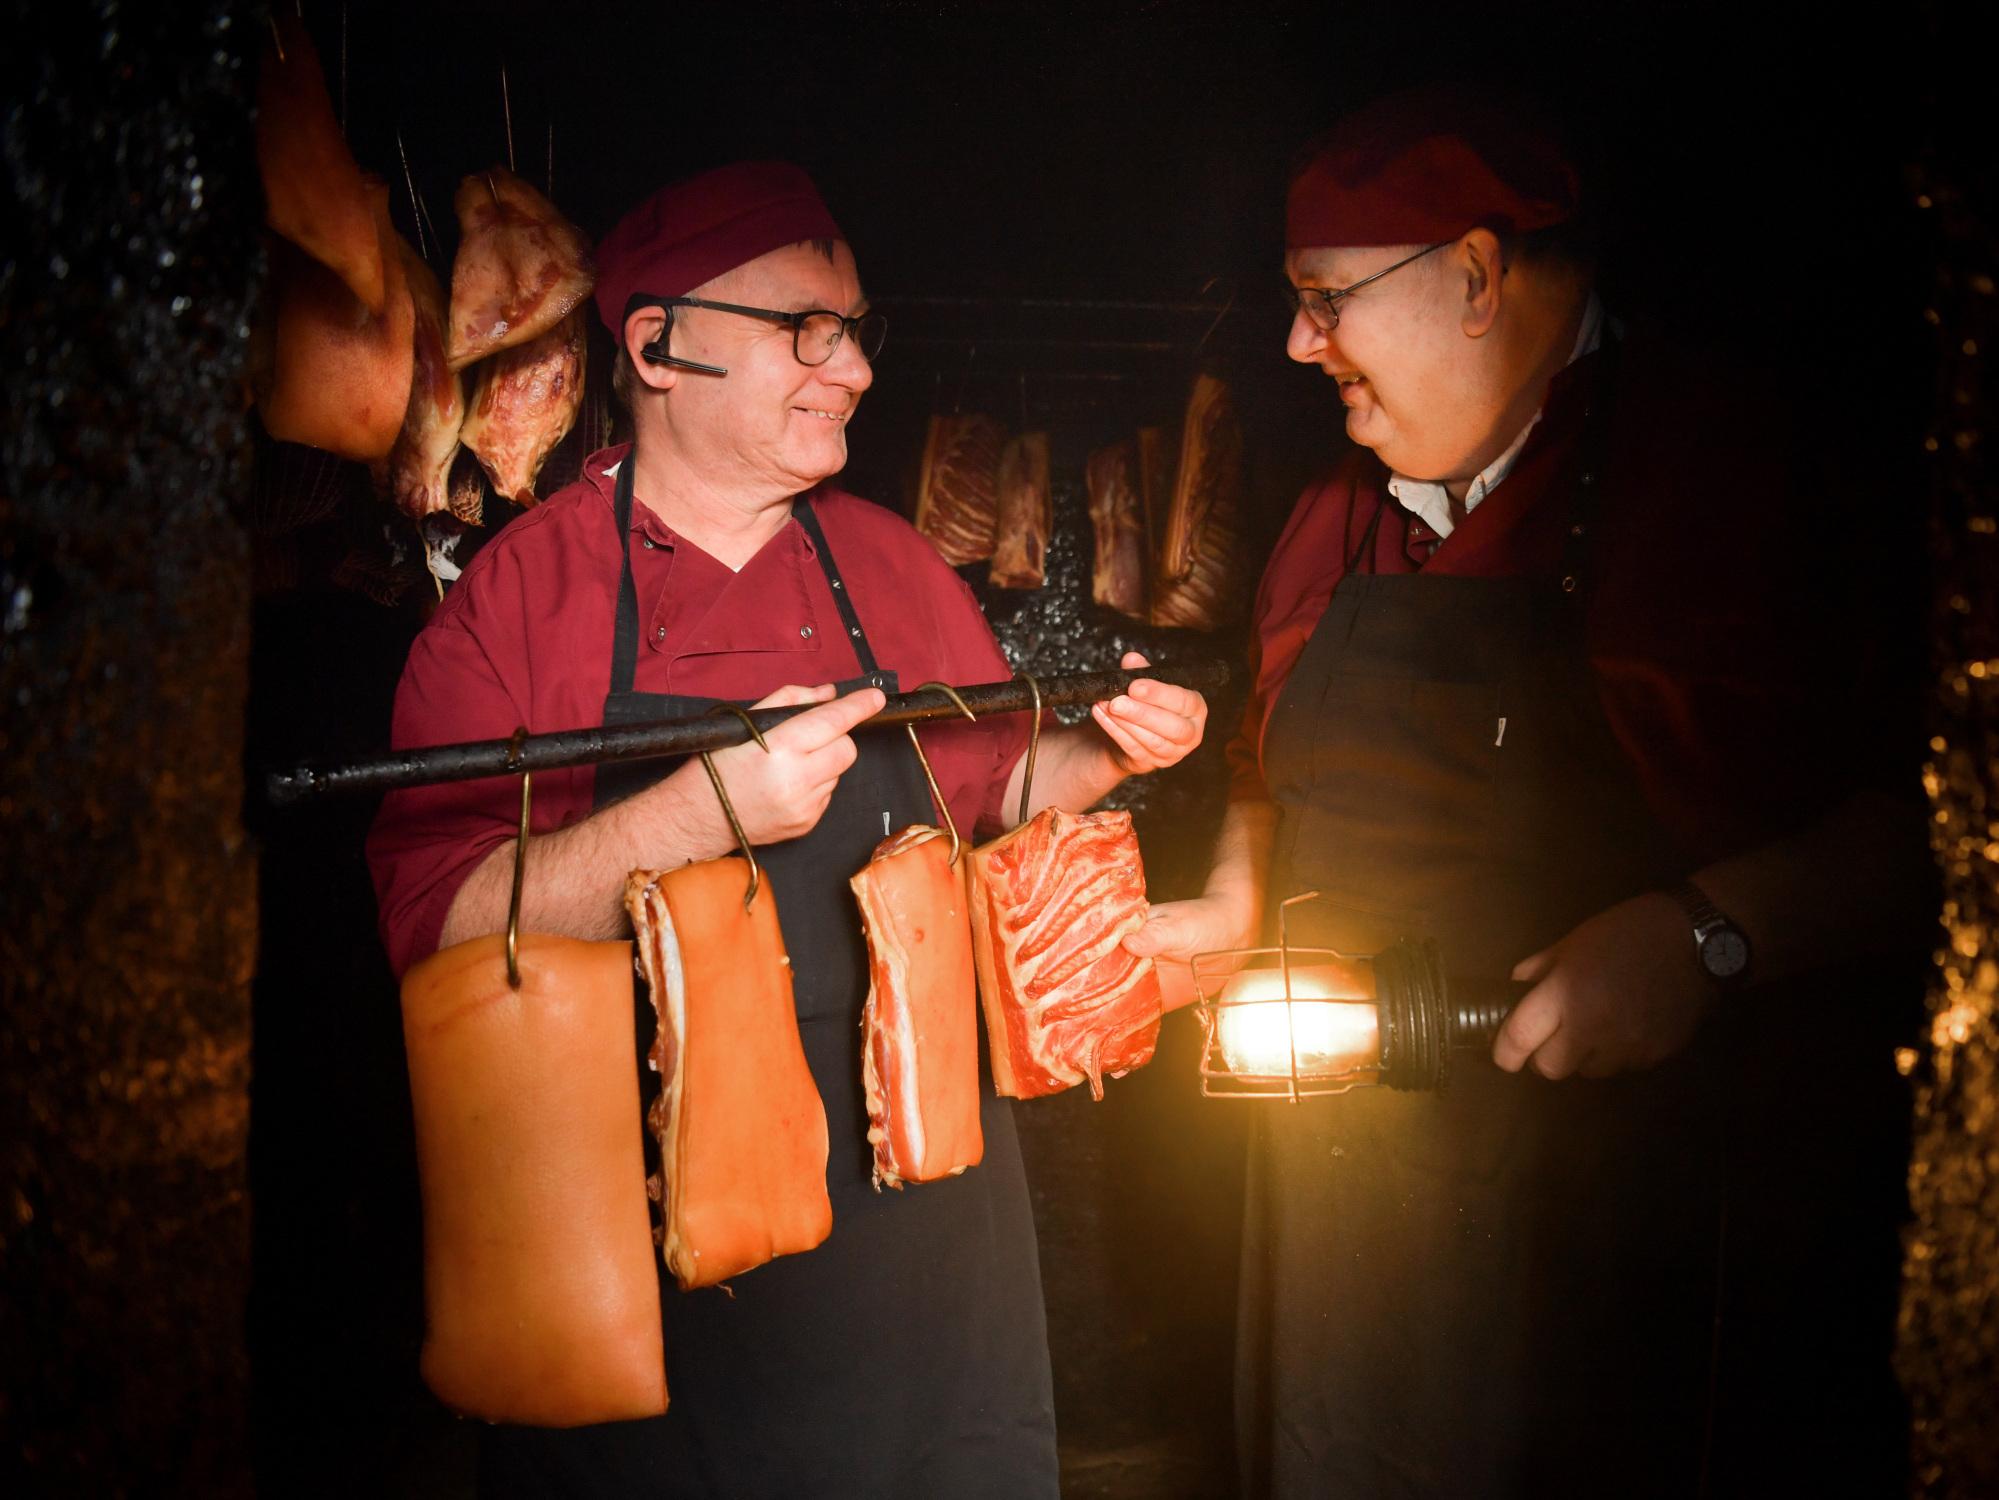 Der mange traditioner i den 130-årige slagterforretning. Den gamle røgovn bliver blandt andet brugt til hjemmerøget bacon og hamburgryg og skinker.